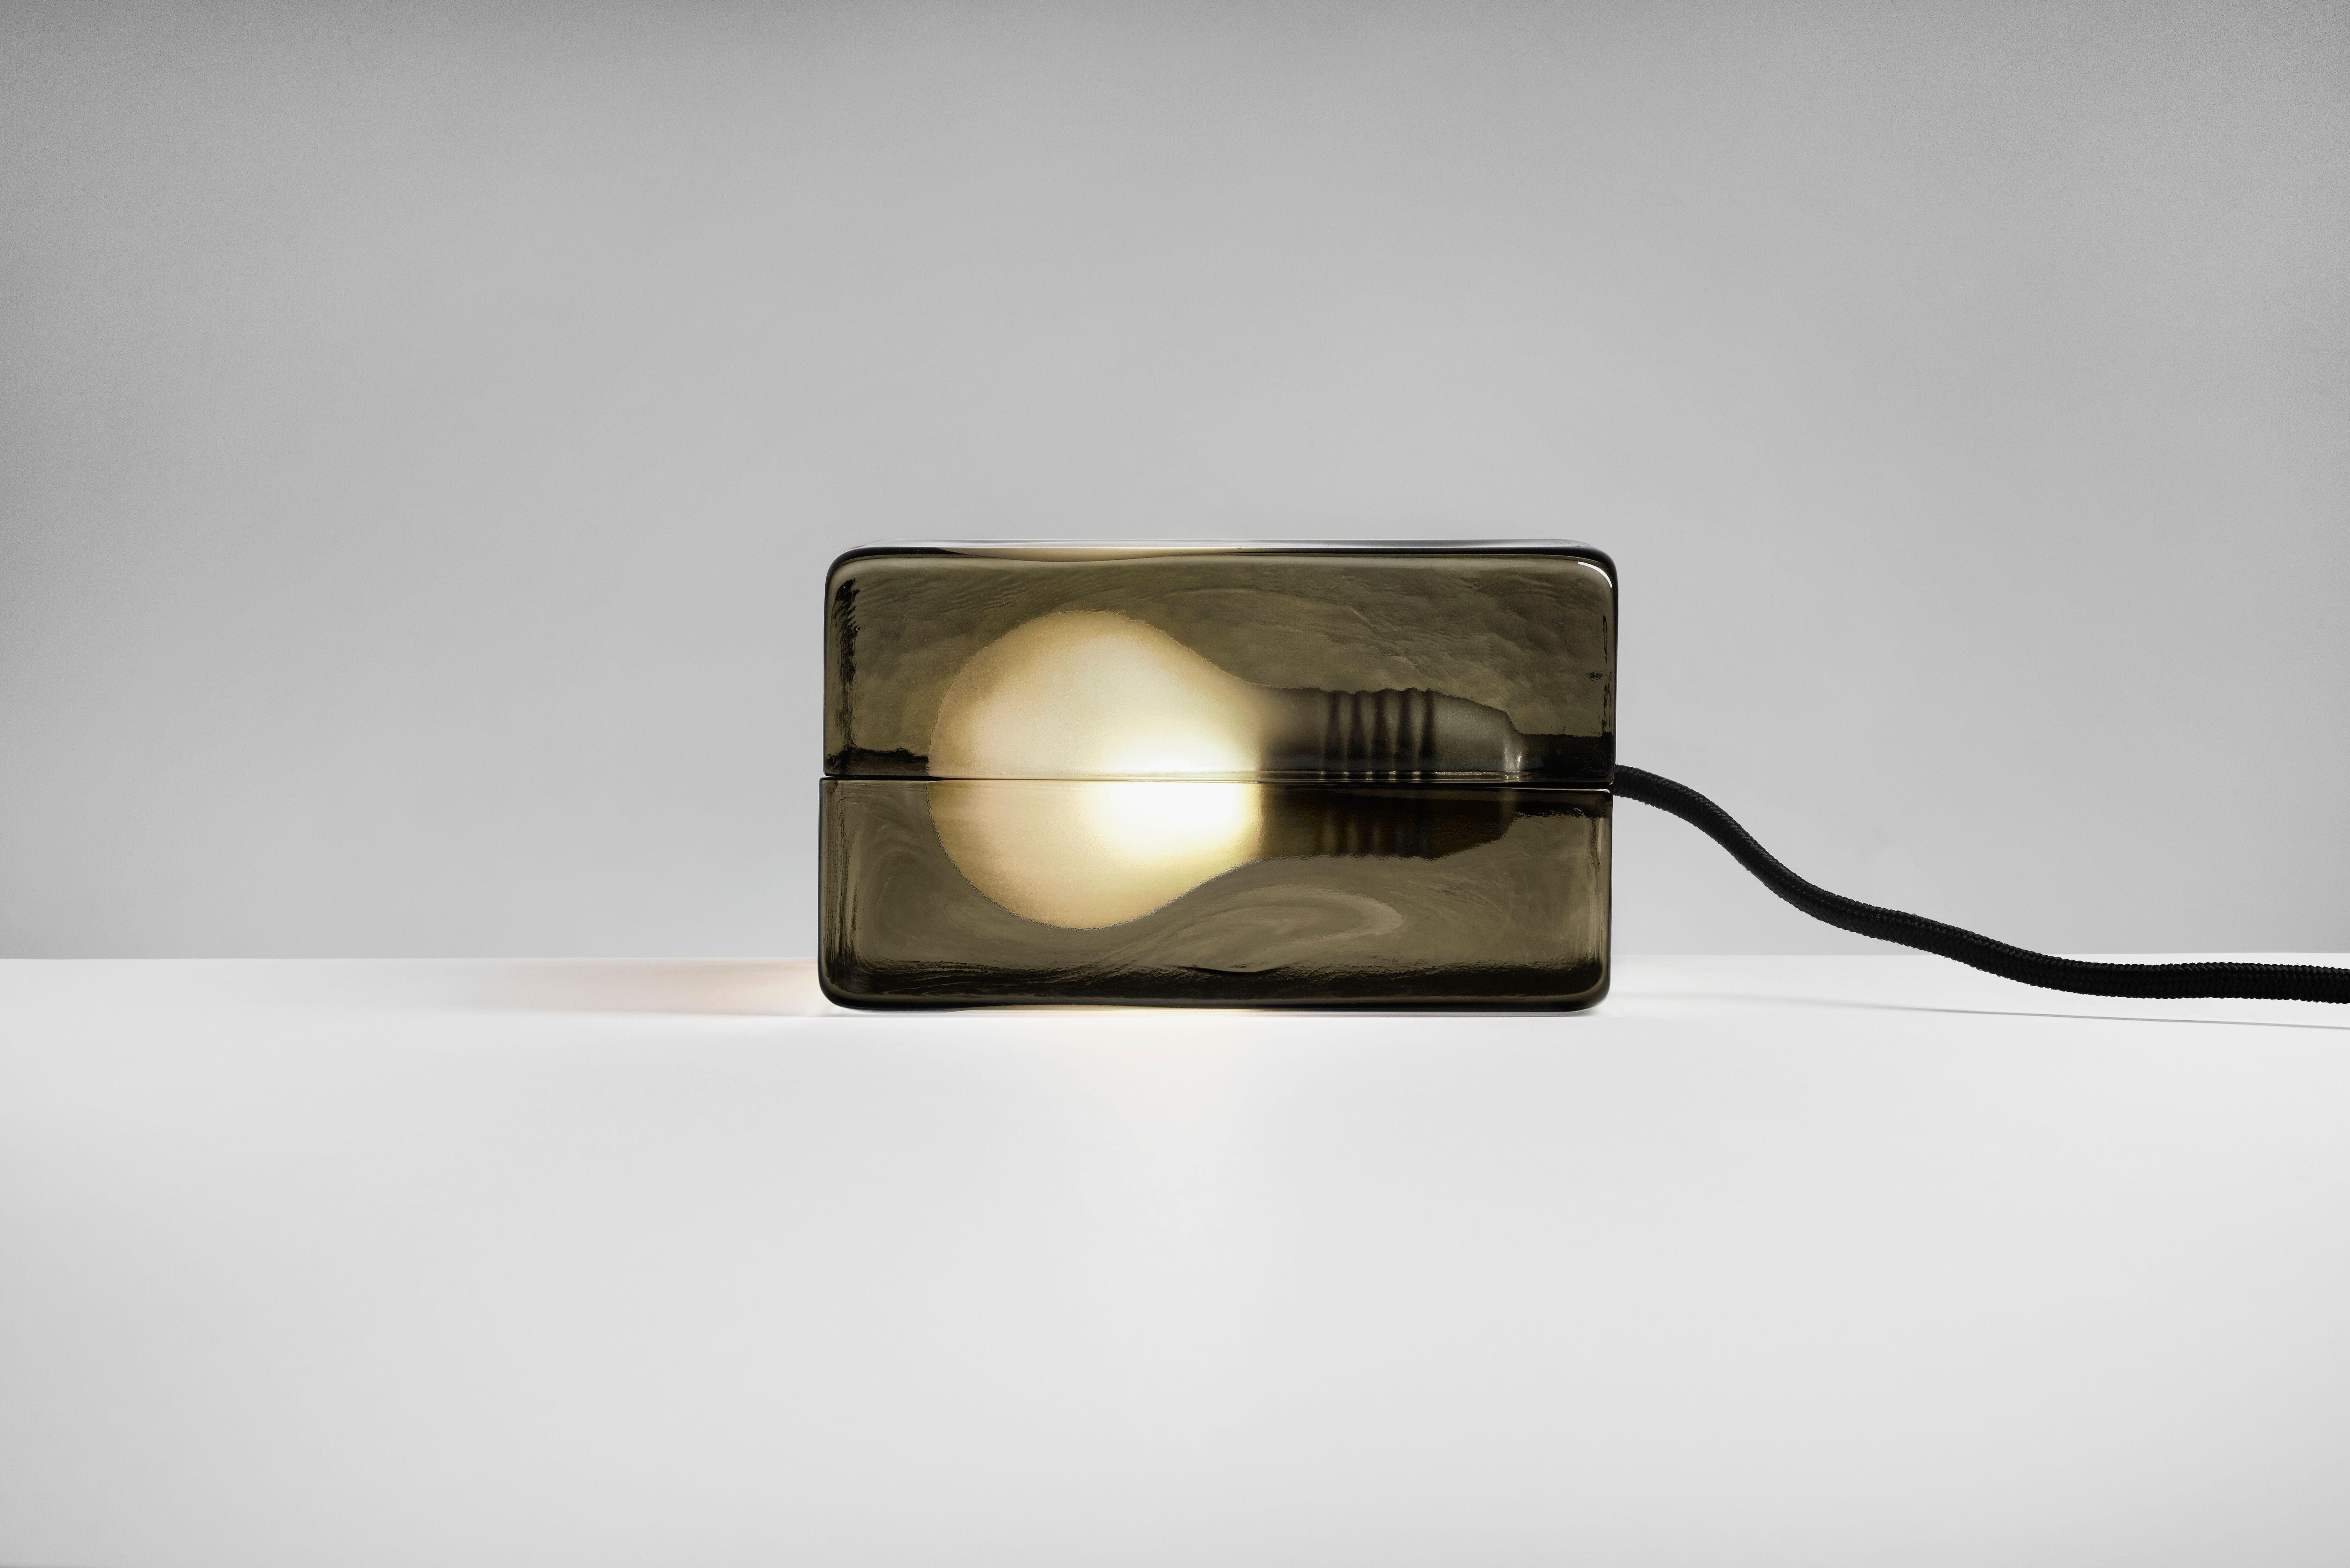 Block Lamp Designed By Harri Koskinen Lamp Design Lamp Led Light Bulb